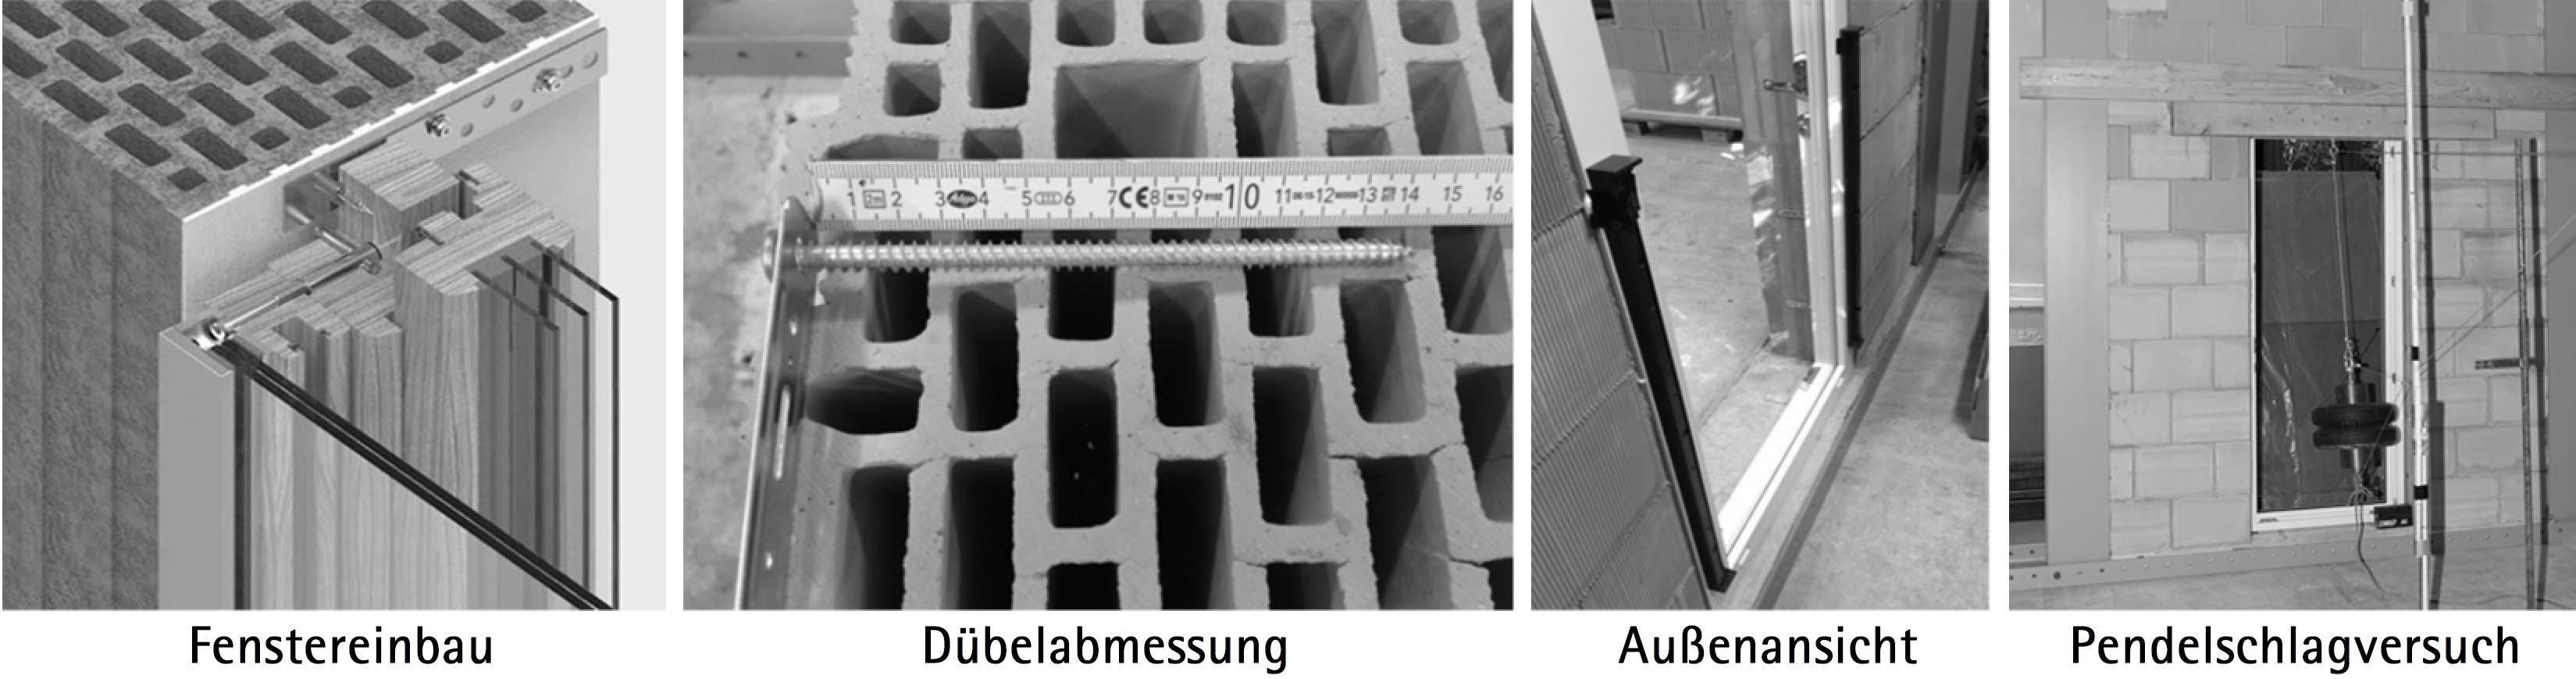 Beispiel 5-03: Prüfung der Absturzsicherung einer Fenstertüre mit Pendelschlagversuch von innen